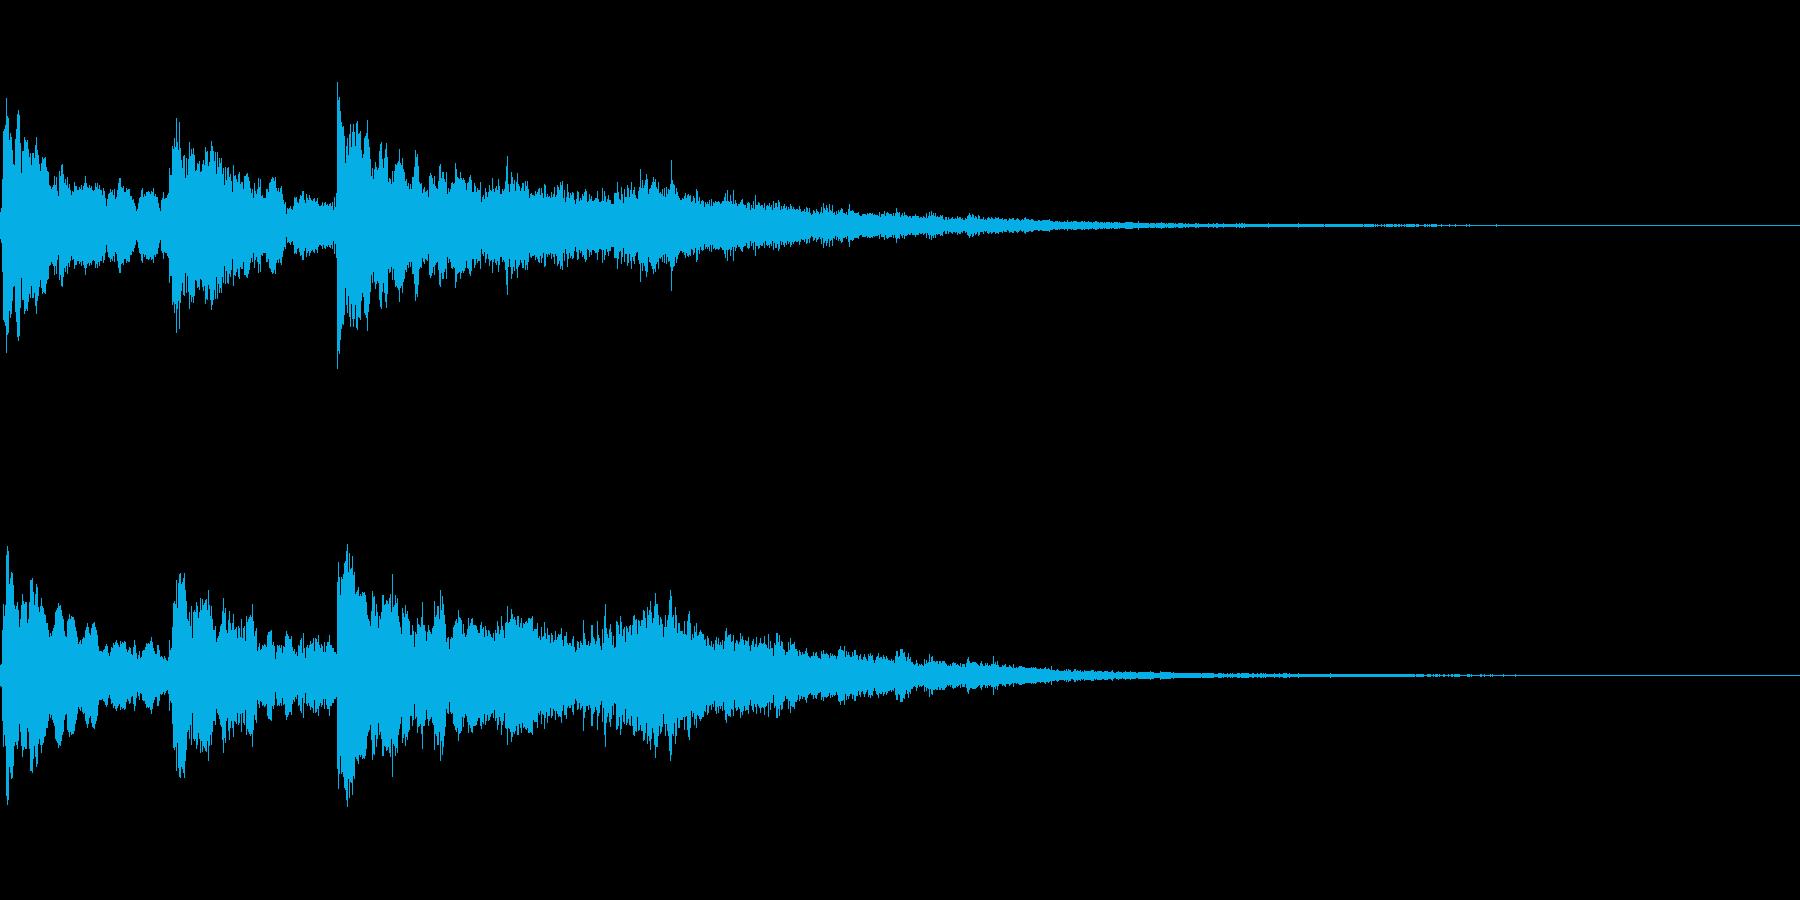 三連続テロップ~0.7秒間隔~の再生済みの波形